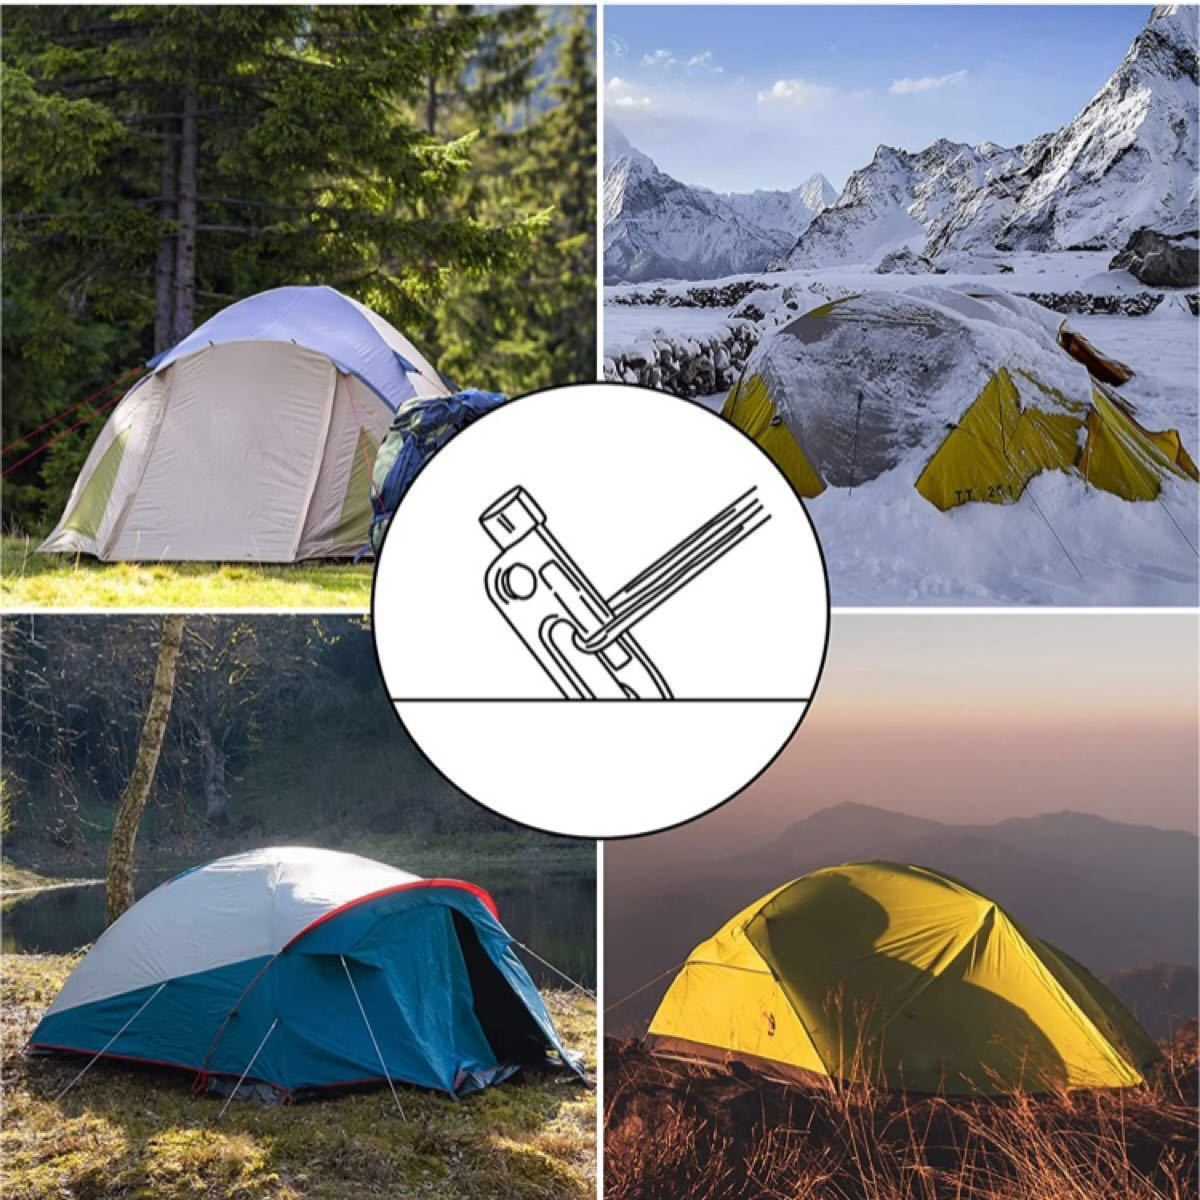 アウトドア 鍛造ペグ スチール ソリッド テント ペグ テーク キャンプ 40cm